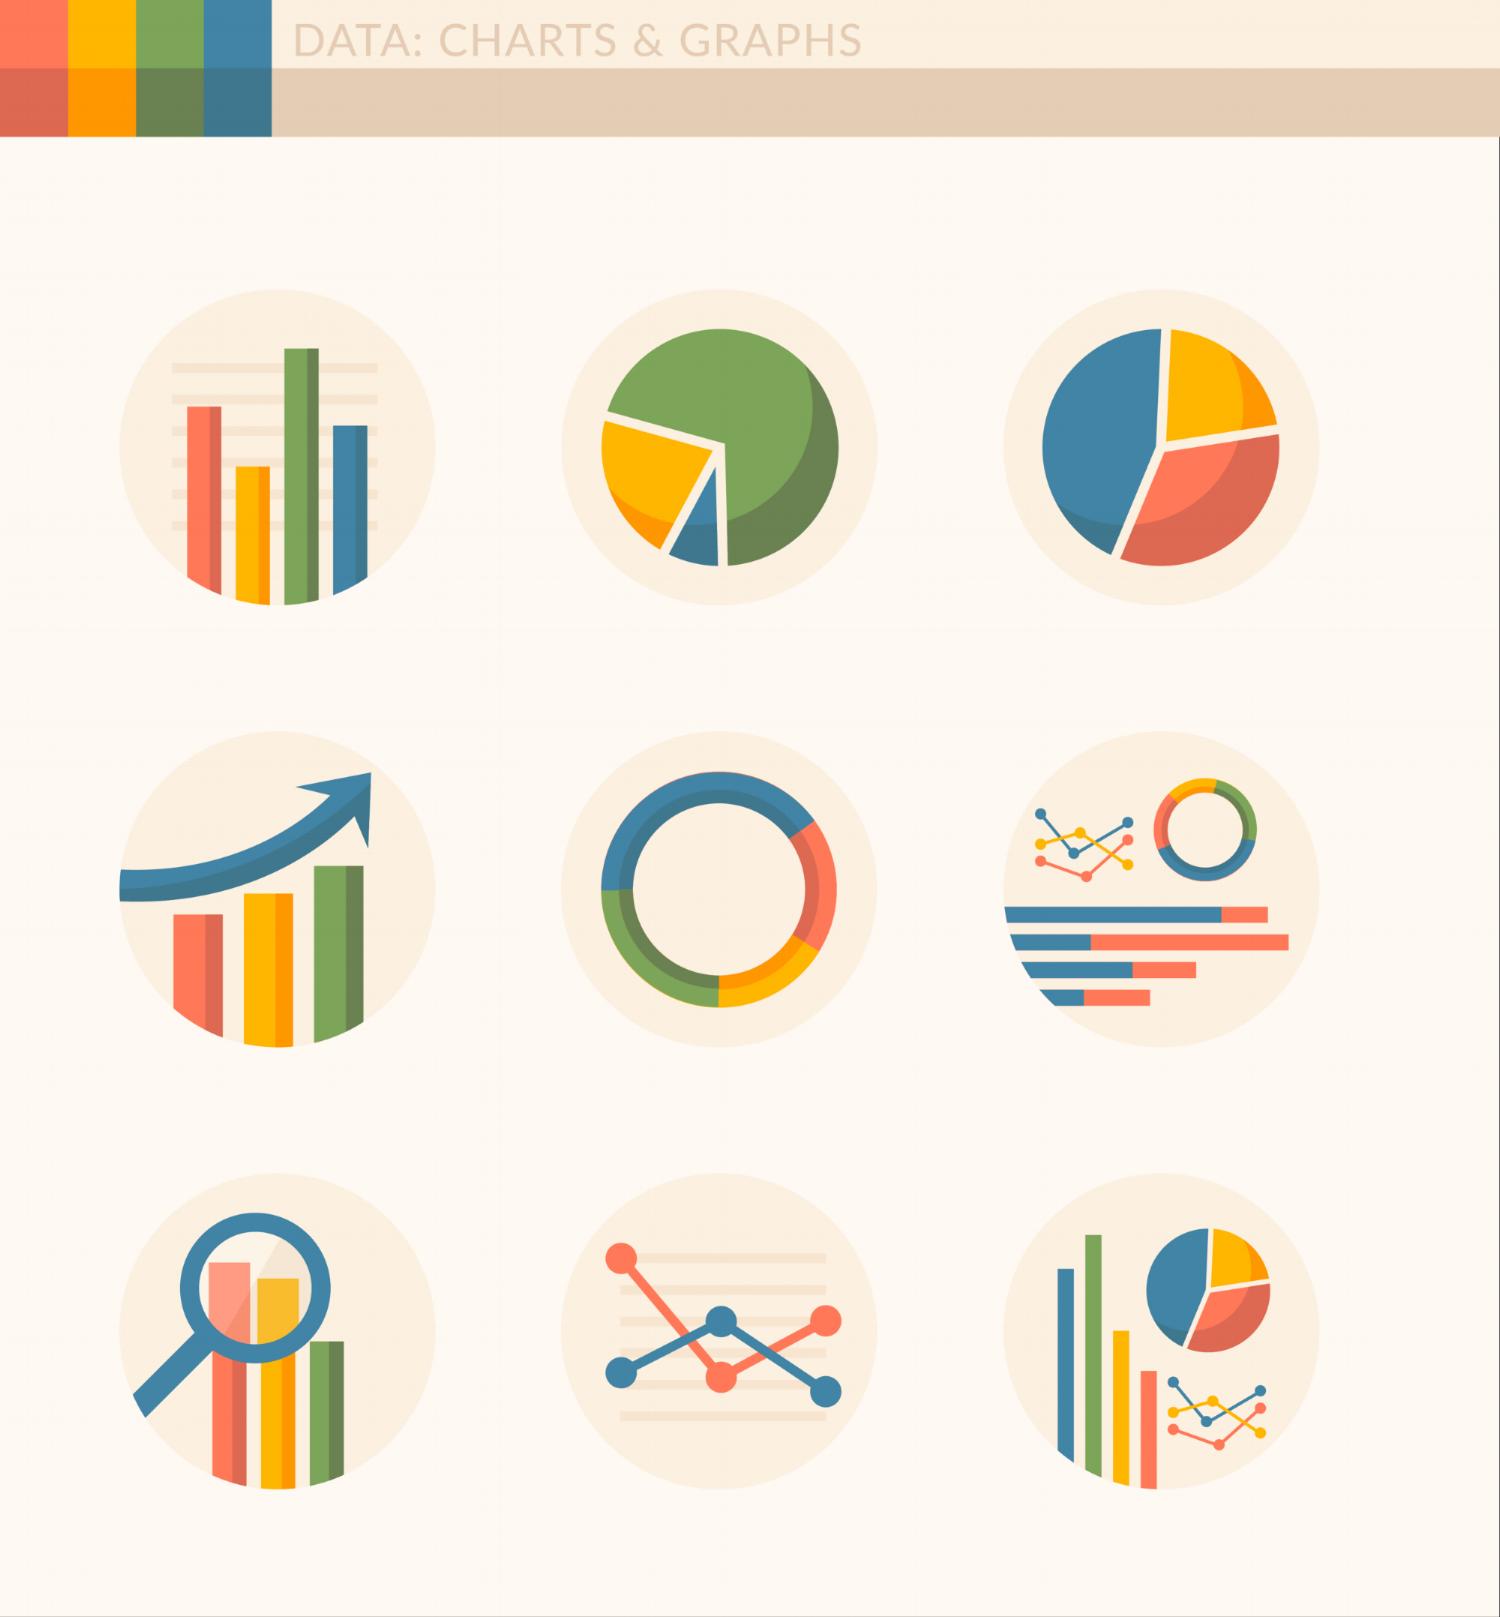 datachartsgraphics.png